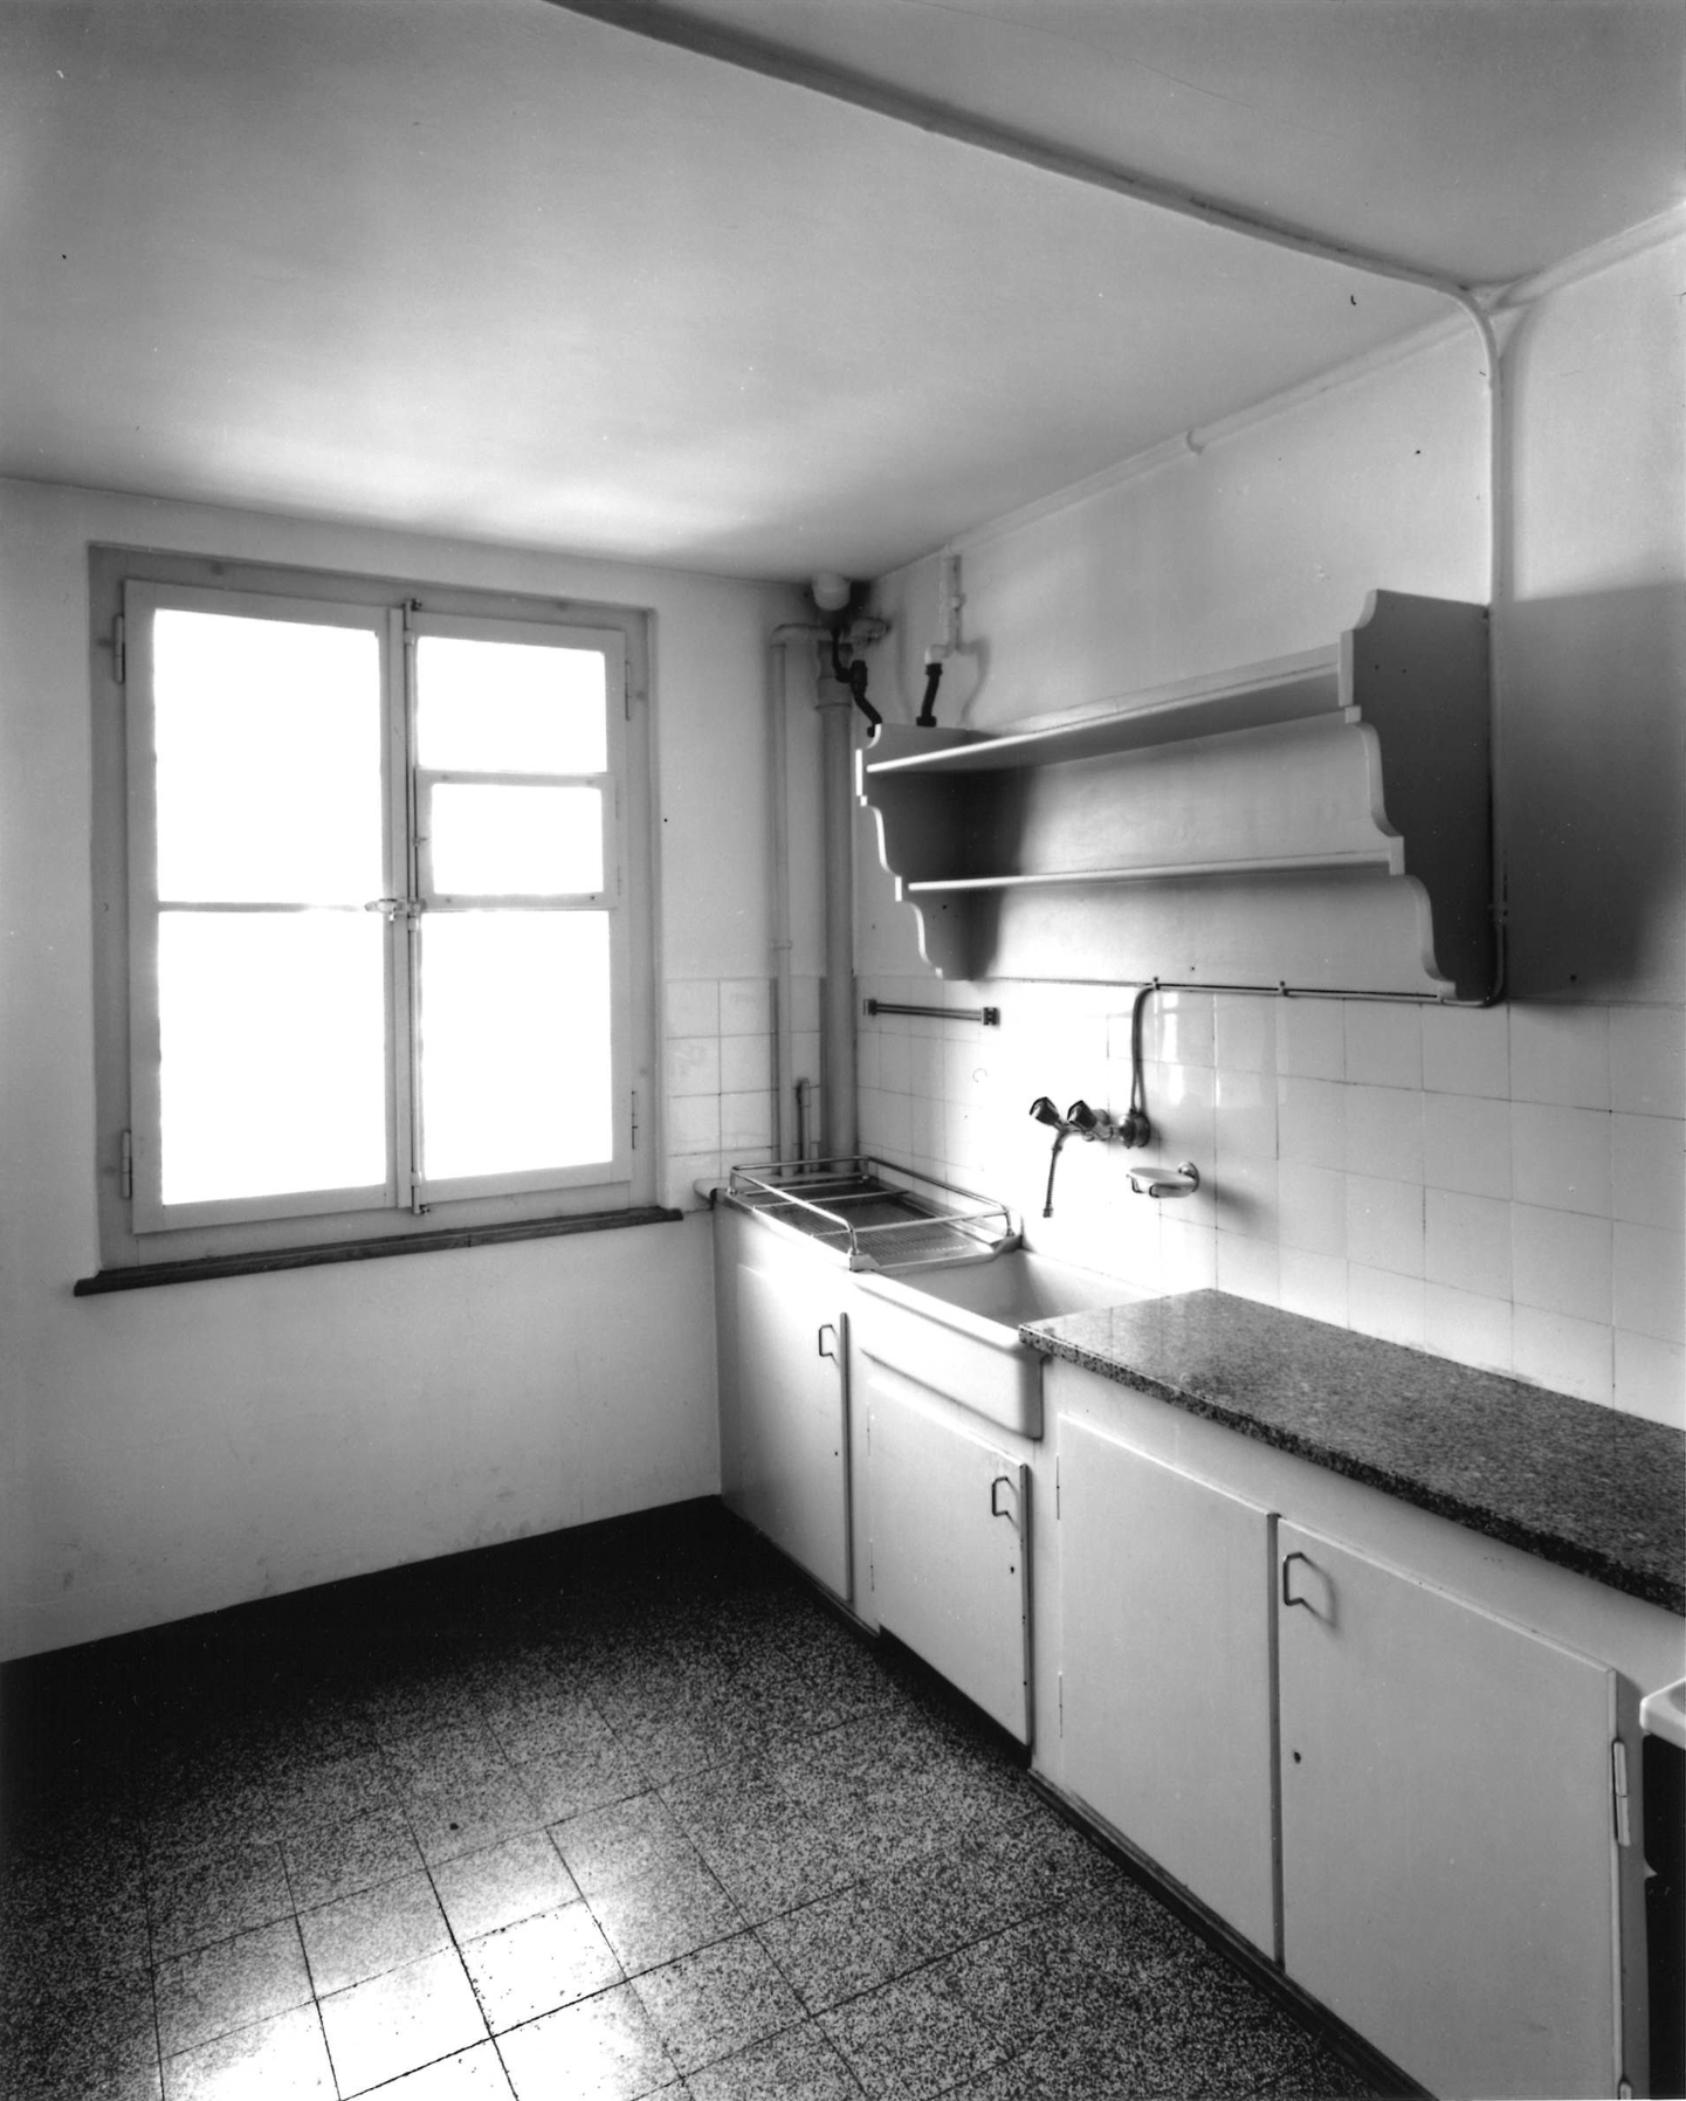 Abb. 20  »Ein Schmuckkästchen ist die Wohnküche (weiß gekachelt) in der nach hiesiger Sitte Alles eingebaut. Buffet [sic], Schrank, Anricht[e], Bank, Spültisch. Dann noch Gasherd u. d. Ofen der Etagenheizung. Und unzählige Regale bis zur Decke. Von uns steht nur 1 Tisch u. Korbsessel drin u. es ist unser tägliches Esszimmer. Maße: 4,06 x 2,76.« (Brief von Lily Klee an Gertrud Grohmann, Bern, 27. 6. 1934, Autograph, Will-Grohmann-Archiv, Staatsgalerie Stuttgart).Foto: Iris Krebs, Nov. 2003  © Zentrum Paul Klee, Bern Bildarchiv